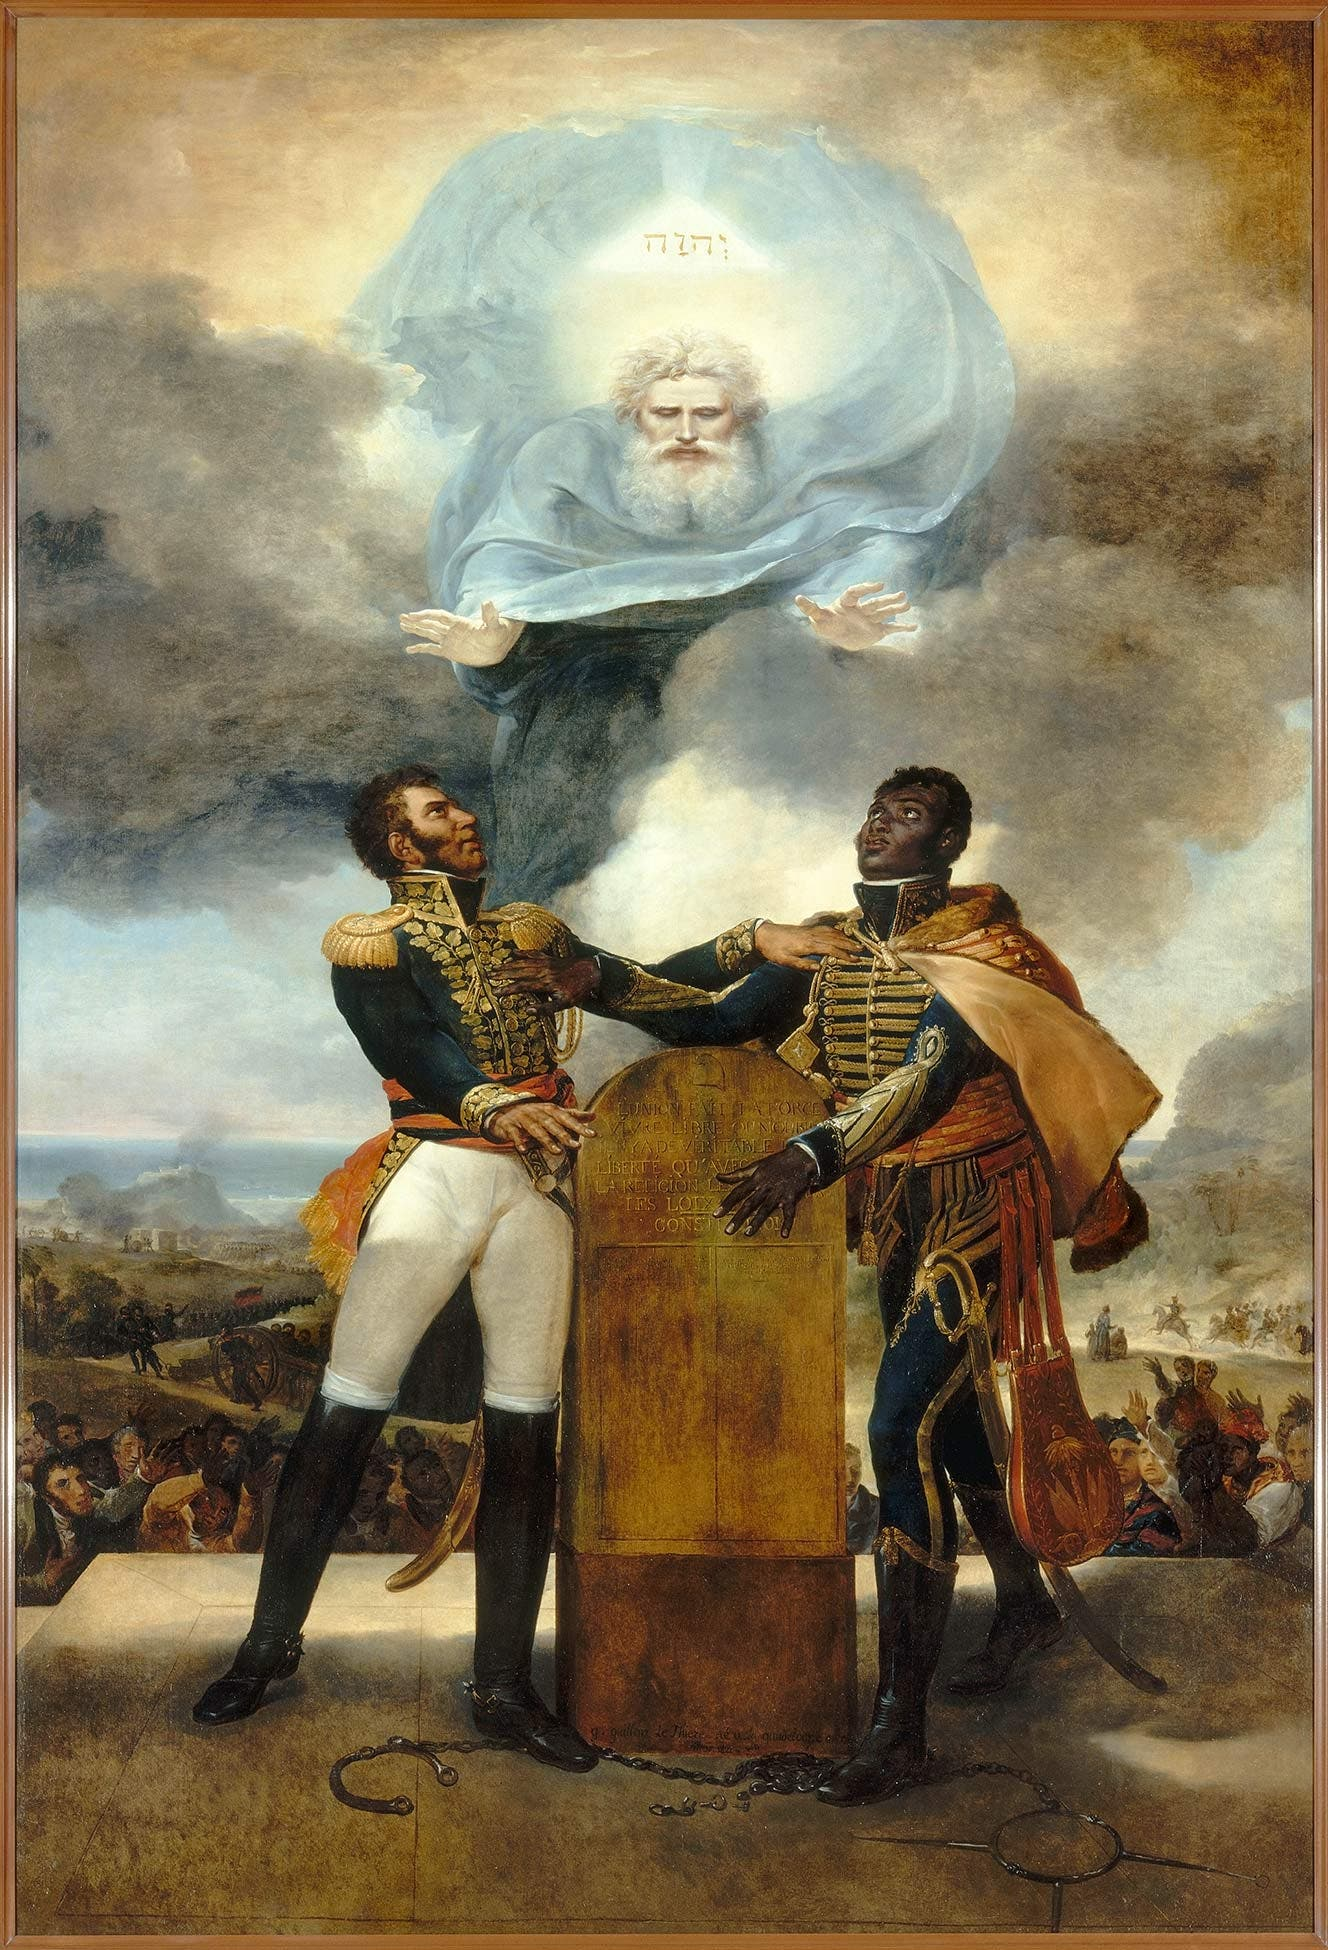 لوحة تجسد وحدة كل من ديسالين وبيتيون أثناء حرب الاستقلال